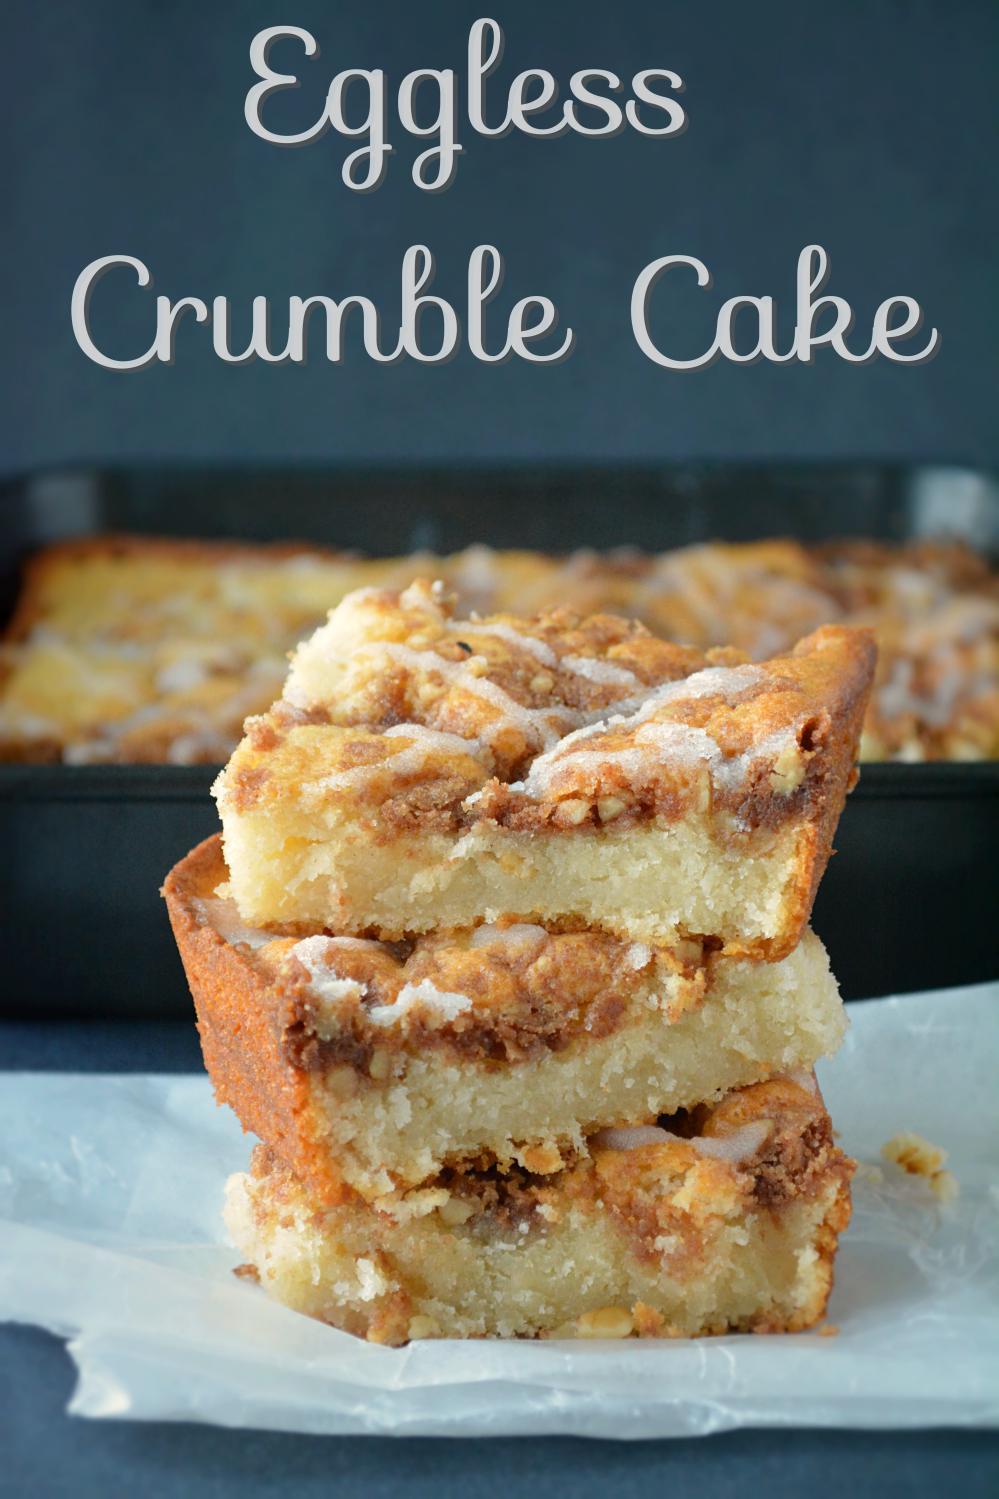 Eggless Crumble Cake